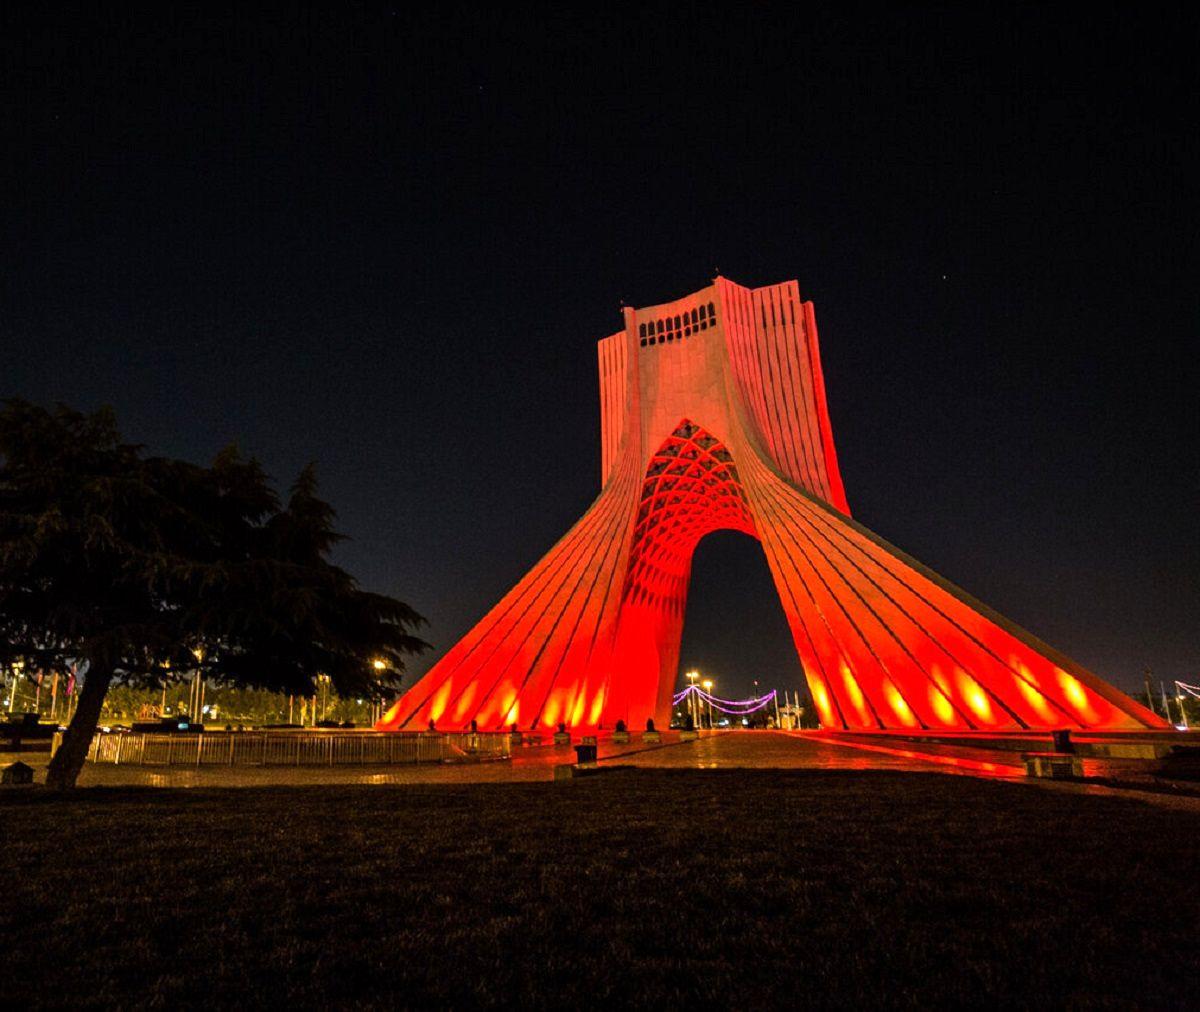 برج آزادی و پل طبیعت در روز جهانی هموفیلی قرمز شد + عکس